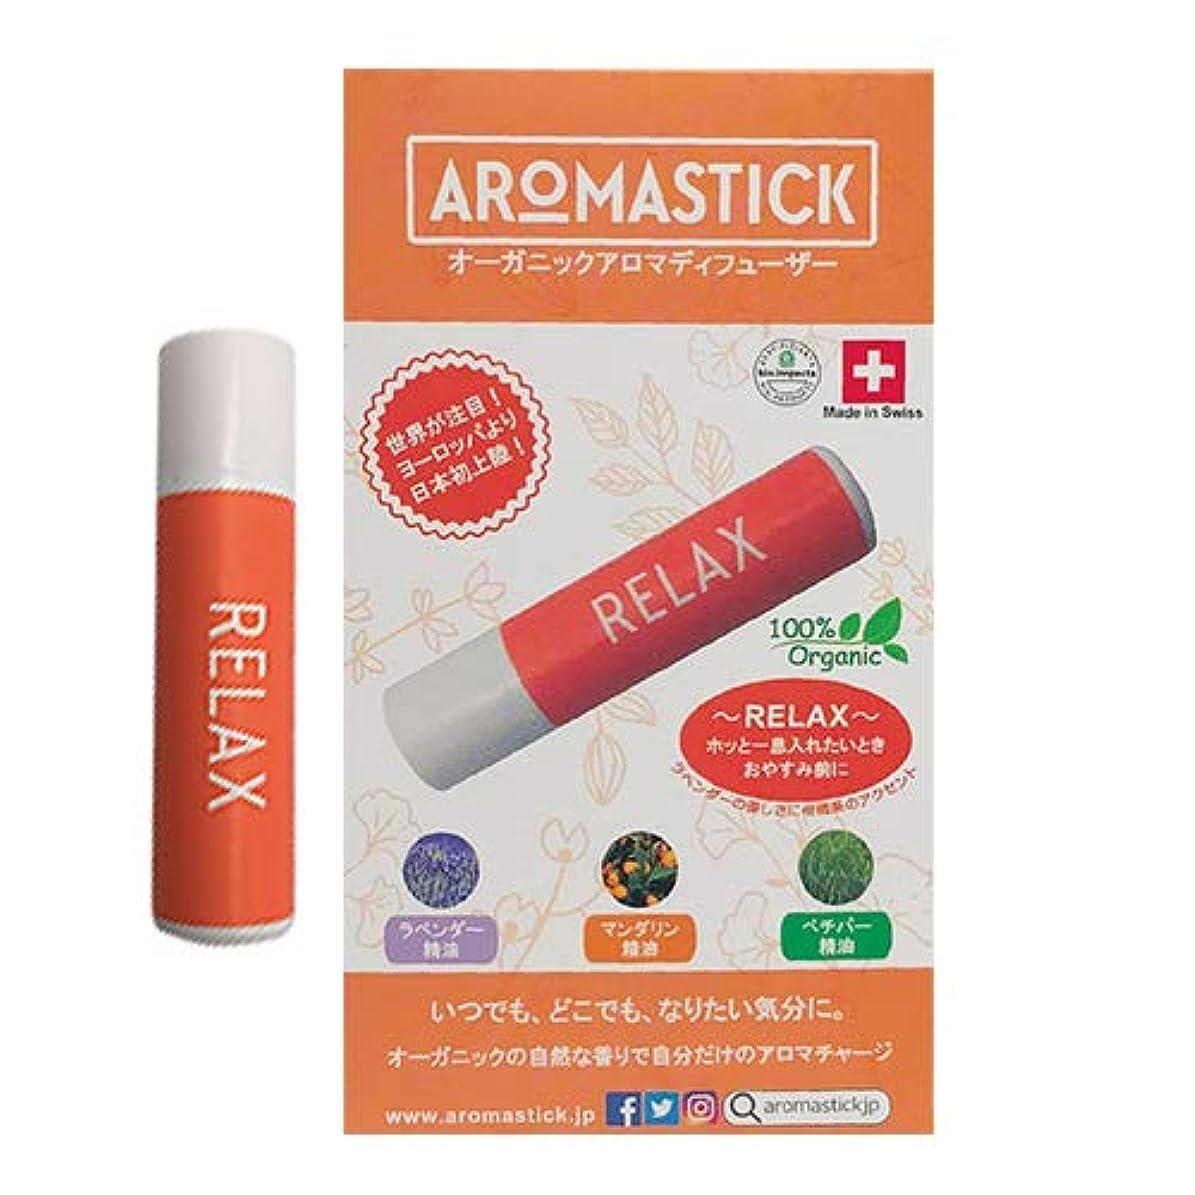 許される浪費実施するオーガニックアロマディフューザー アロマスティック(aromastick) リラックス [RELAX] ×3個セット